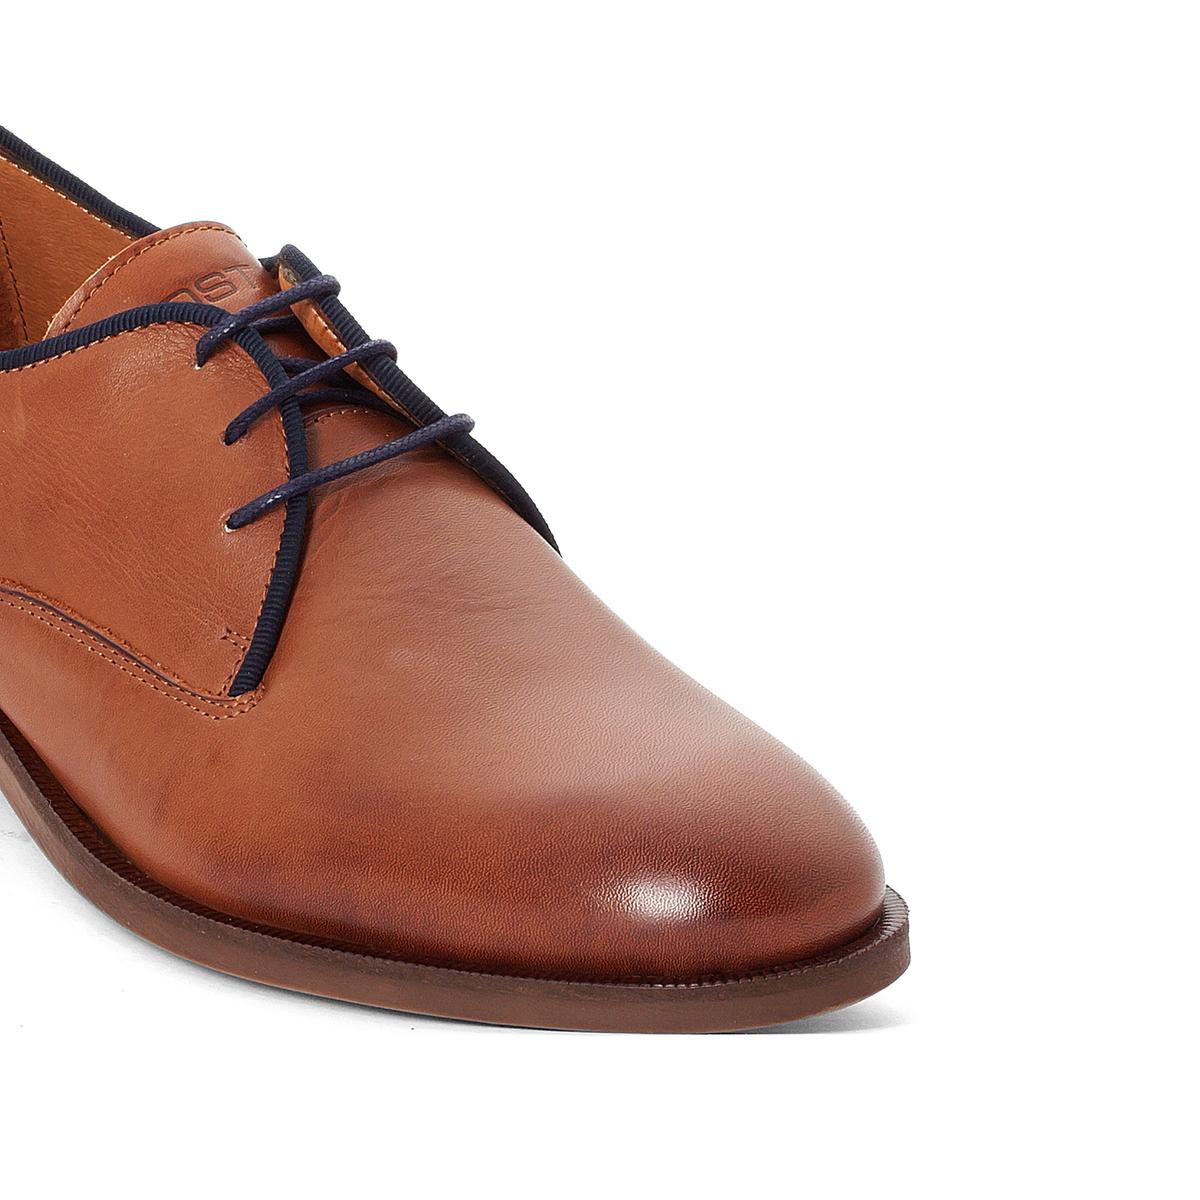 Ботинки-дерби кожаные Blaise ботинки дерби